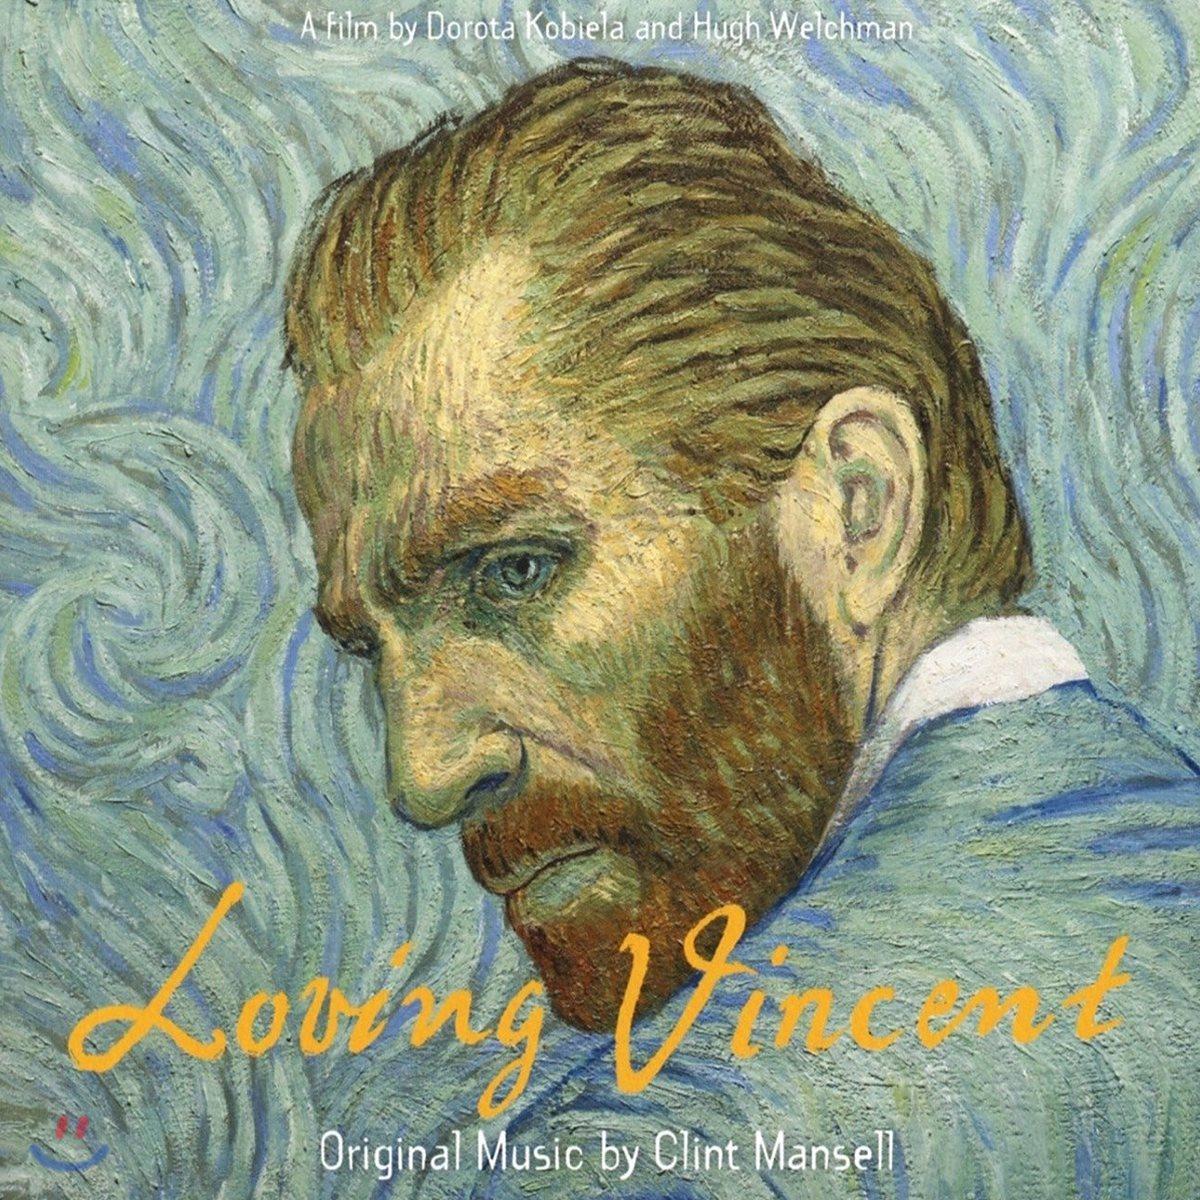 러빙 빈센트 영화음악 (Loving Vincent OST by Clint Mansell)